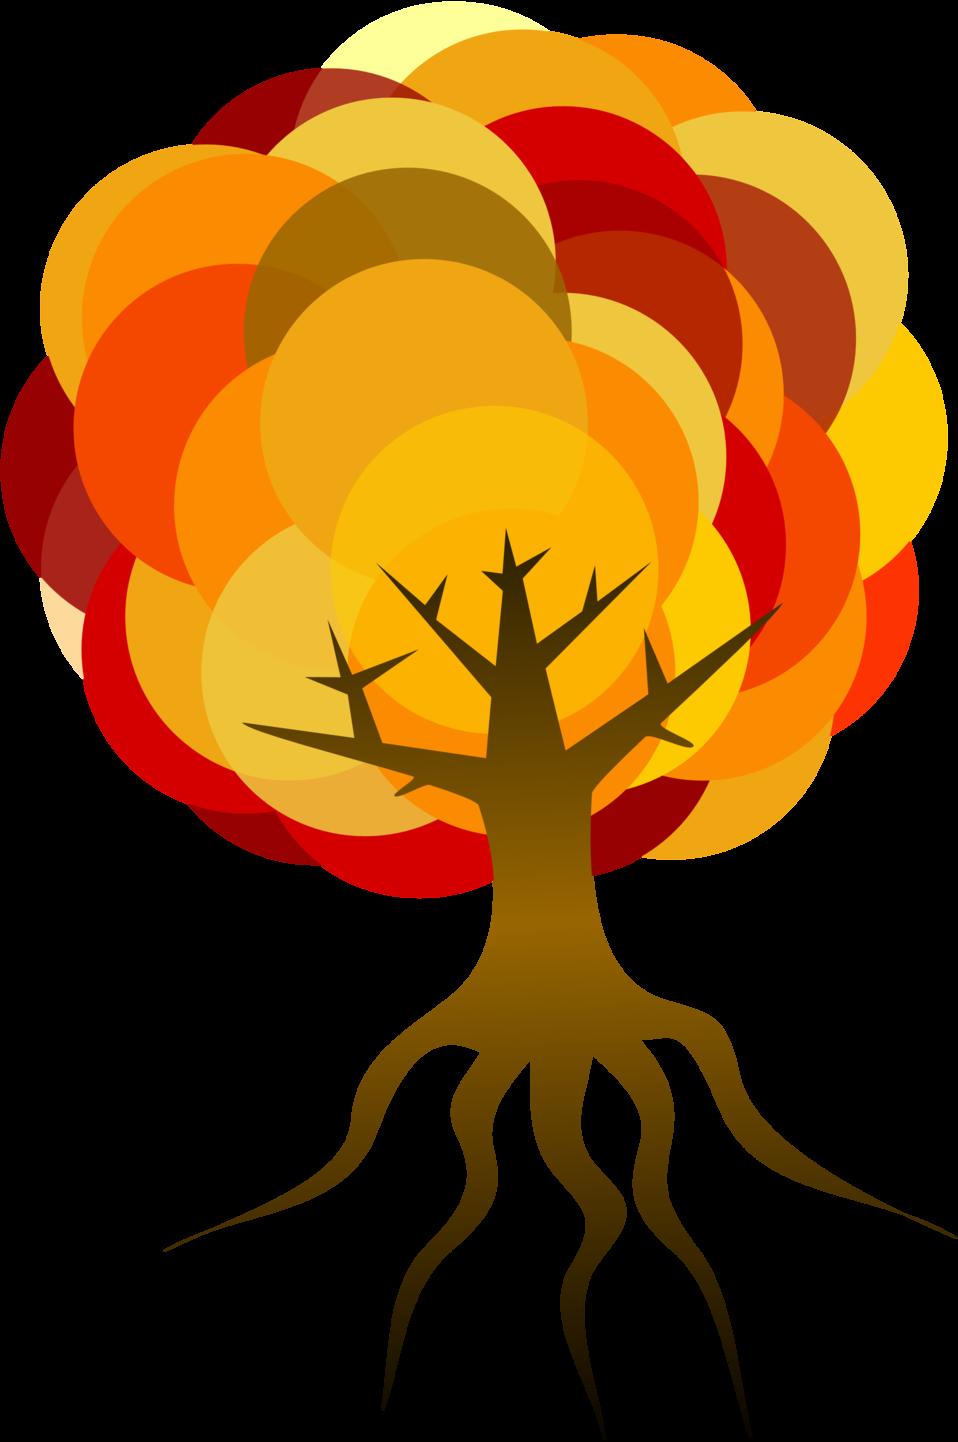 Simple Tree 3